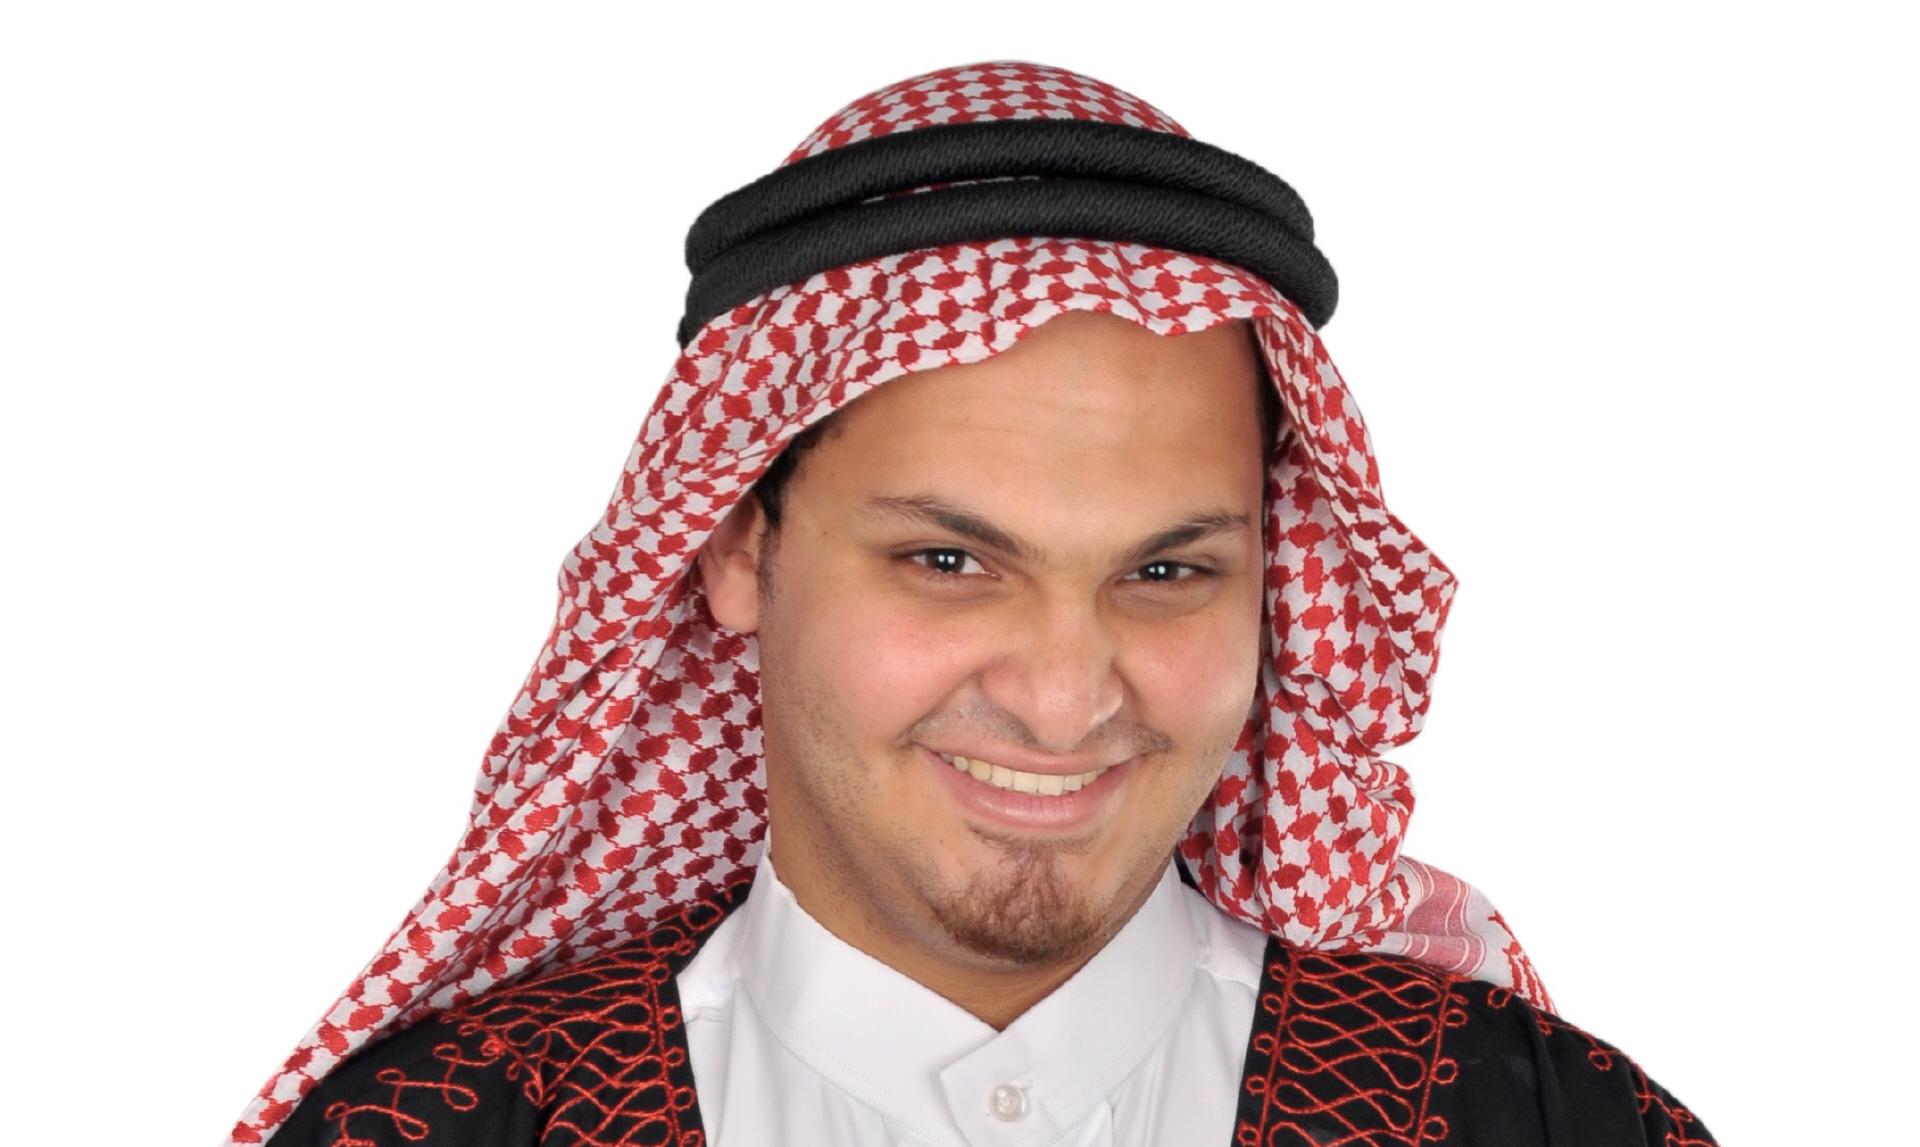 Arabische Kopfbedeckung Für Männer Arabische Kleidung 2019 02 19